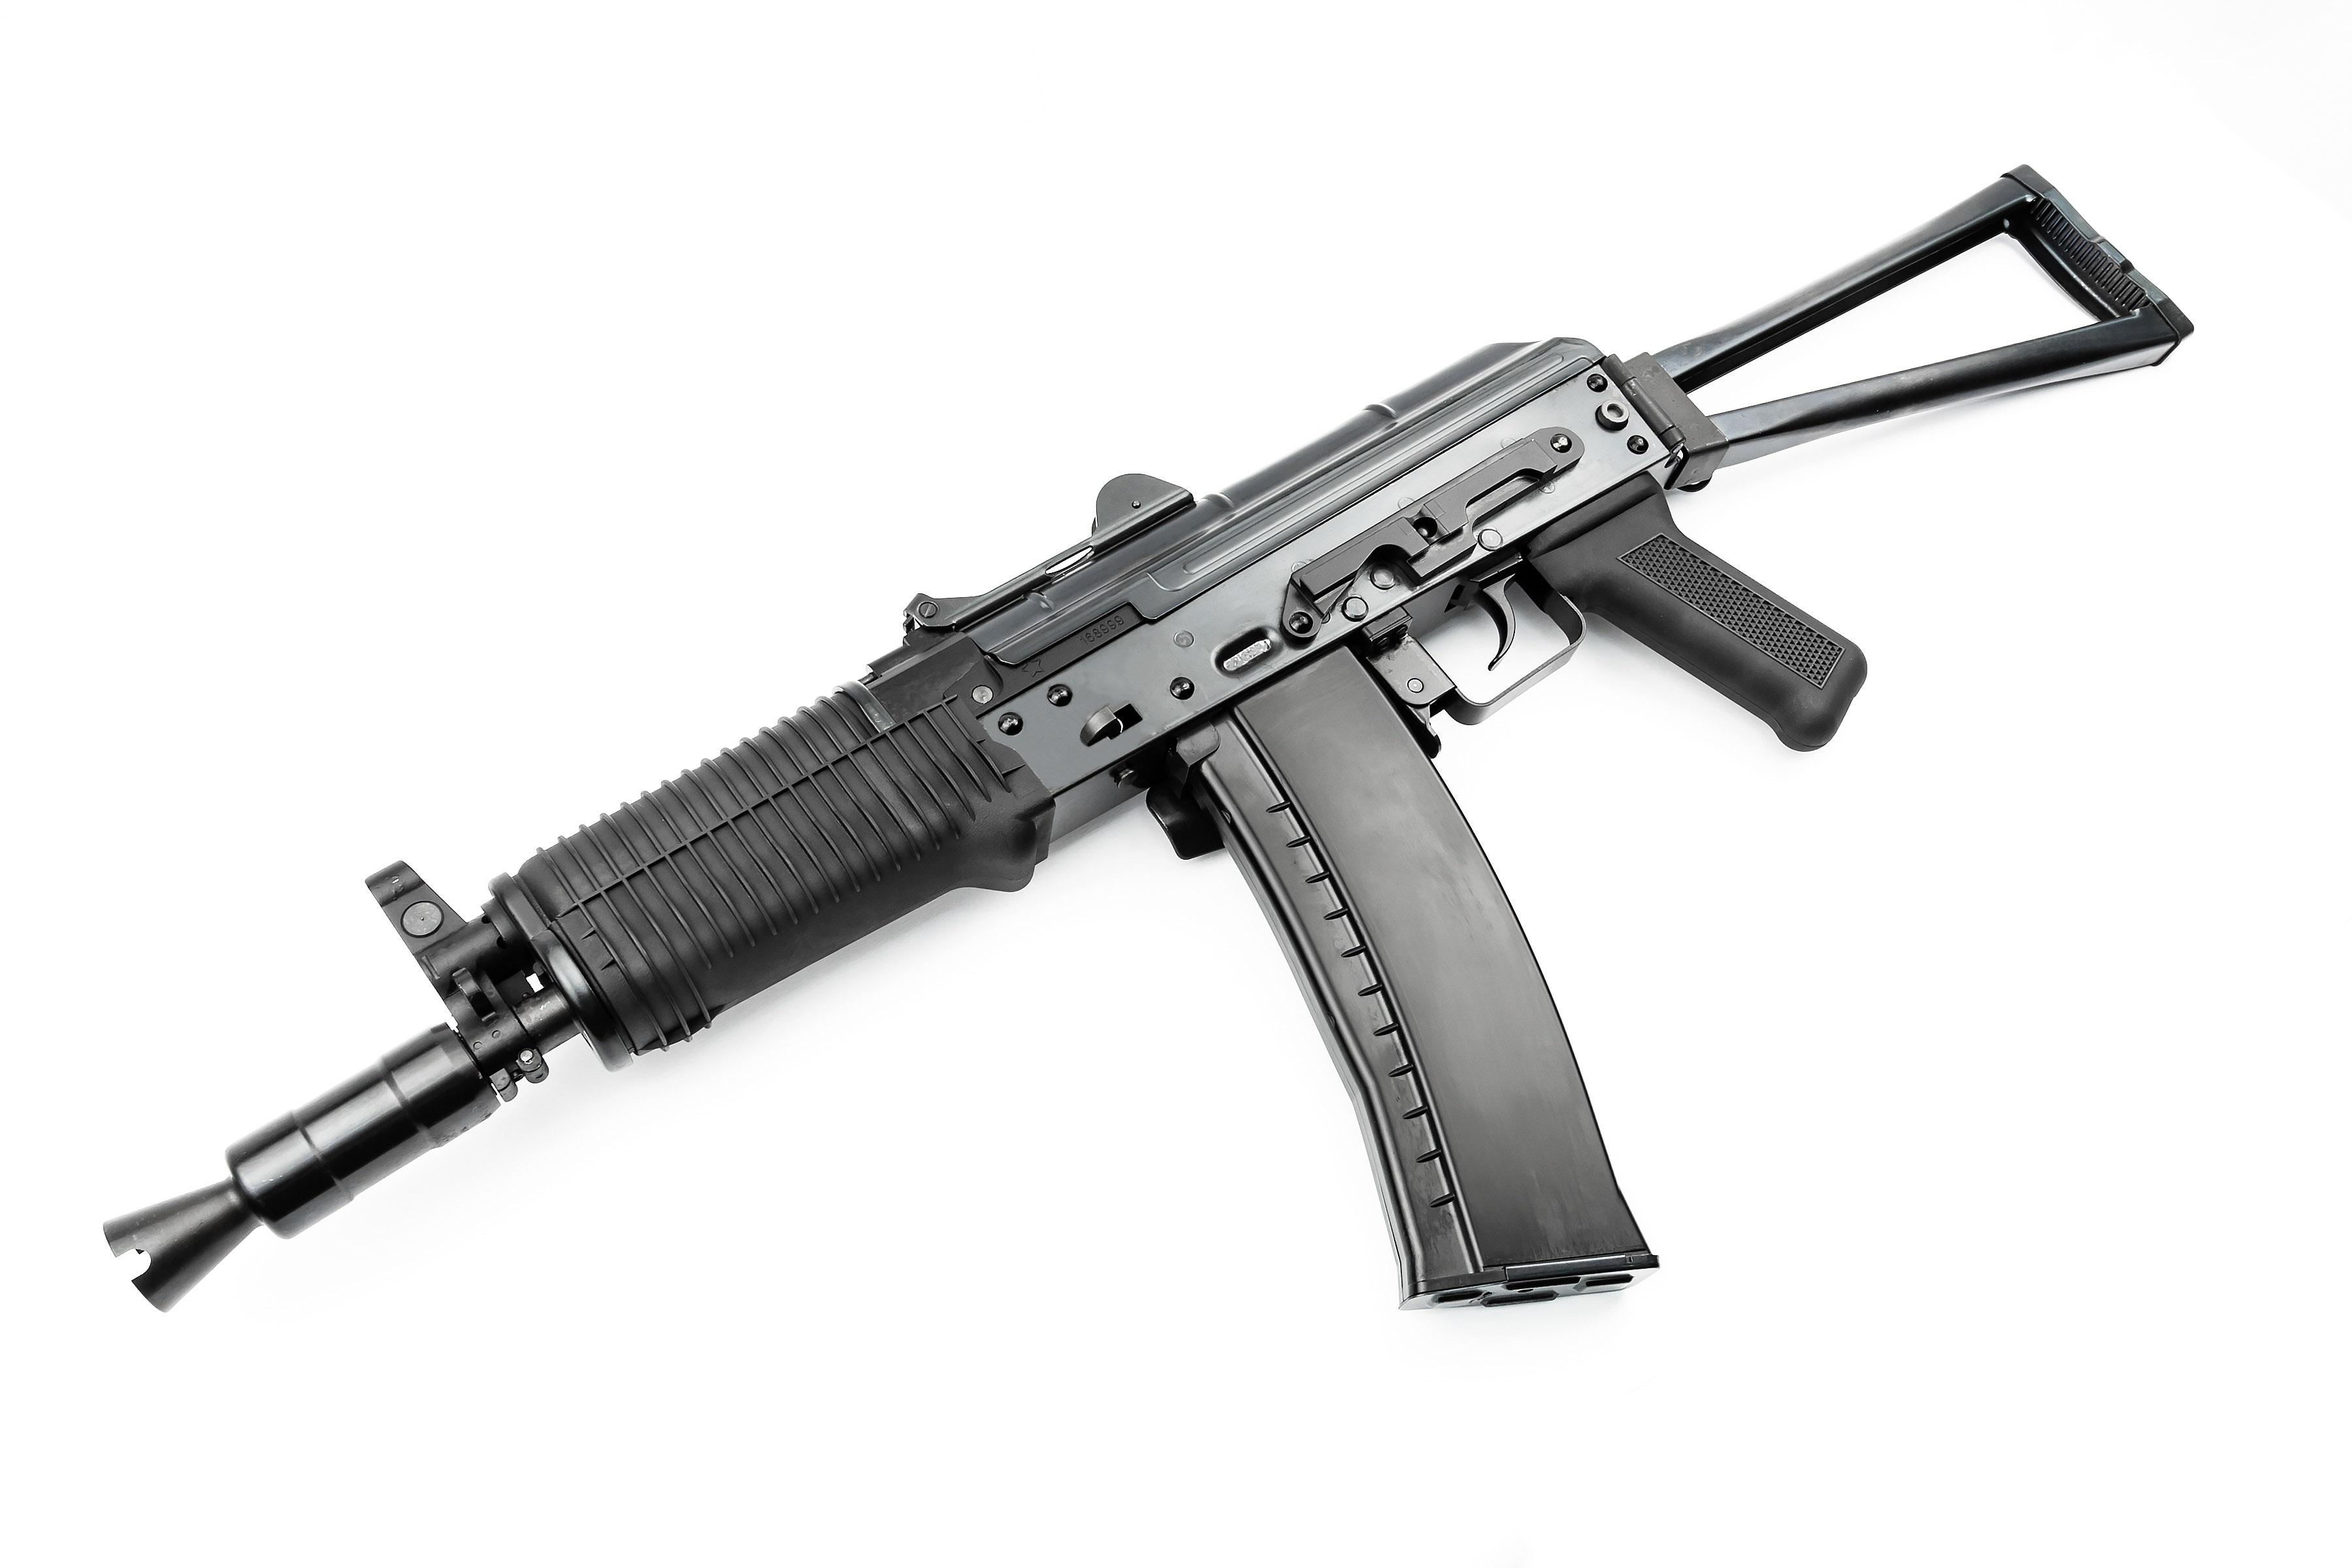 【LV3カスタム】WE AK 74UN GBB